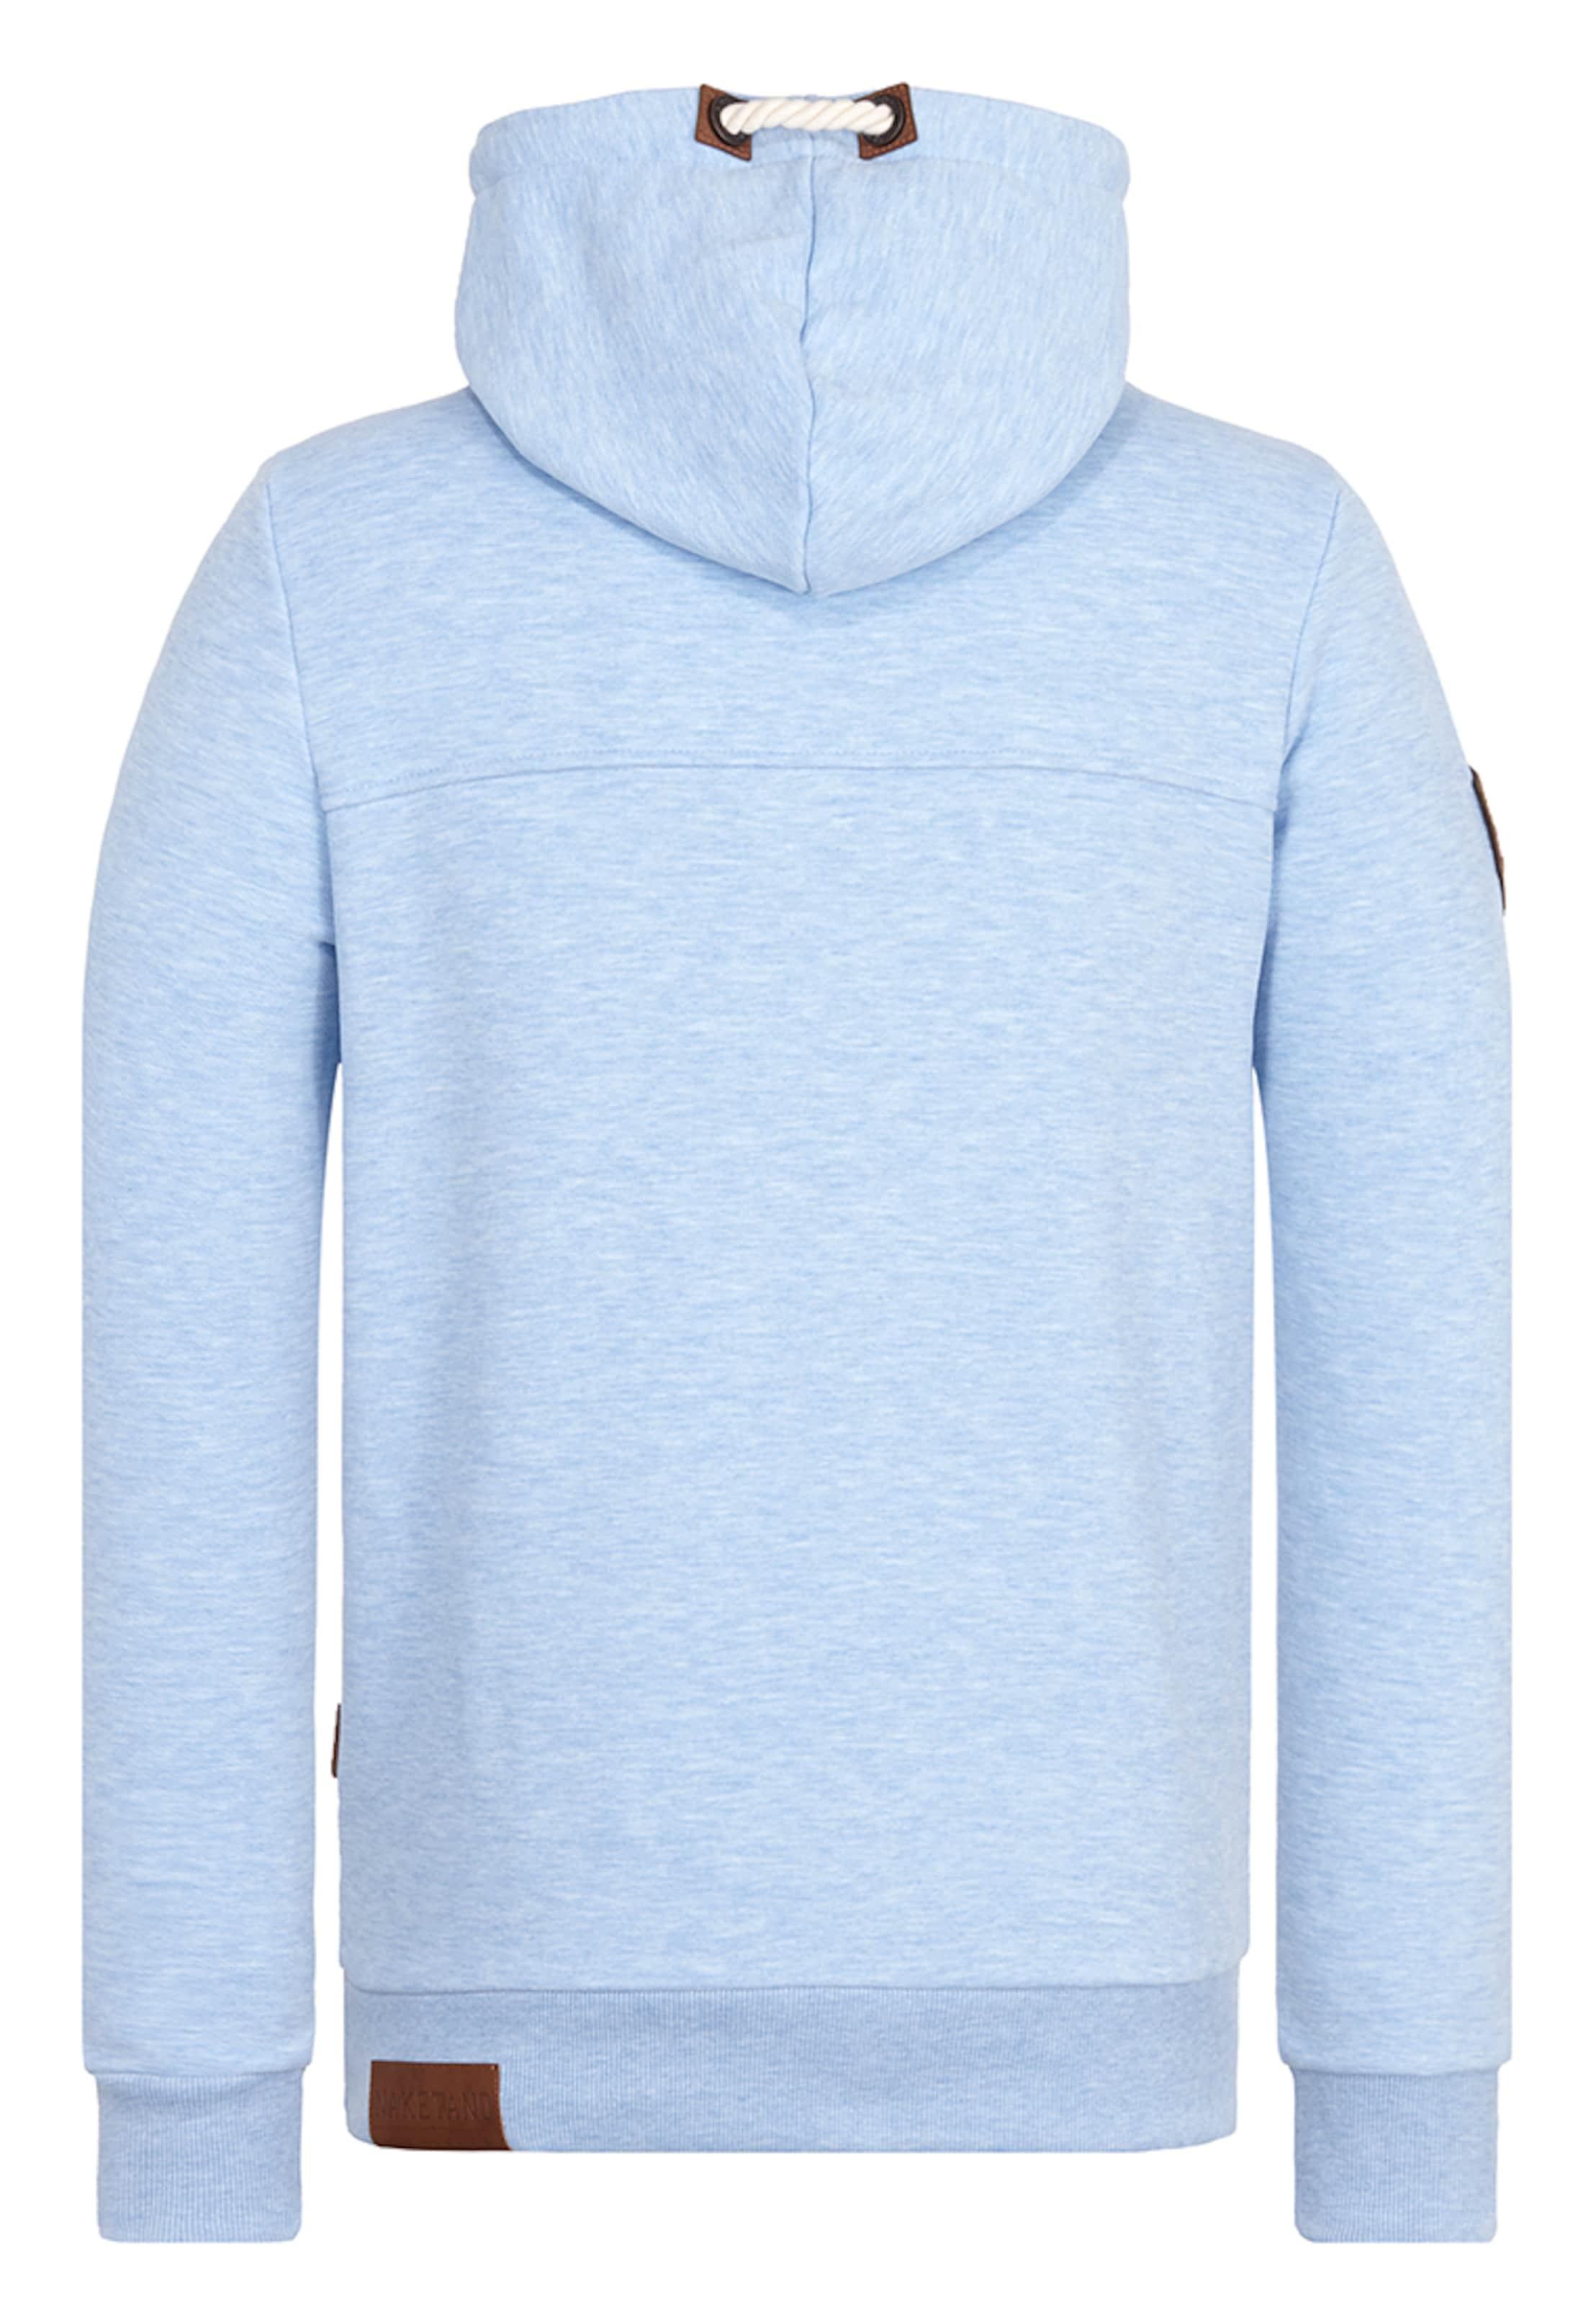 Original Zum Verkauf Outlet Online-Shop naketano Sweatshirt 'Küfürbaz AMK III' 2018 Günstiger Preis Bestseller Günstiger Preis Rabatt-Spielraum Store gByx3WEeAc